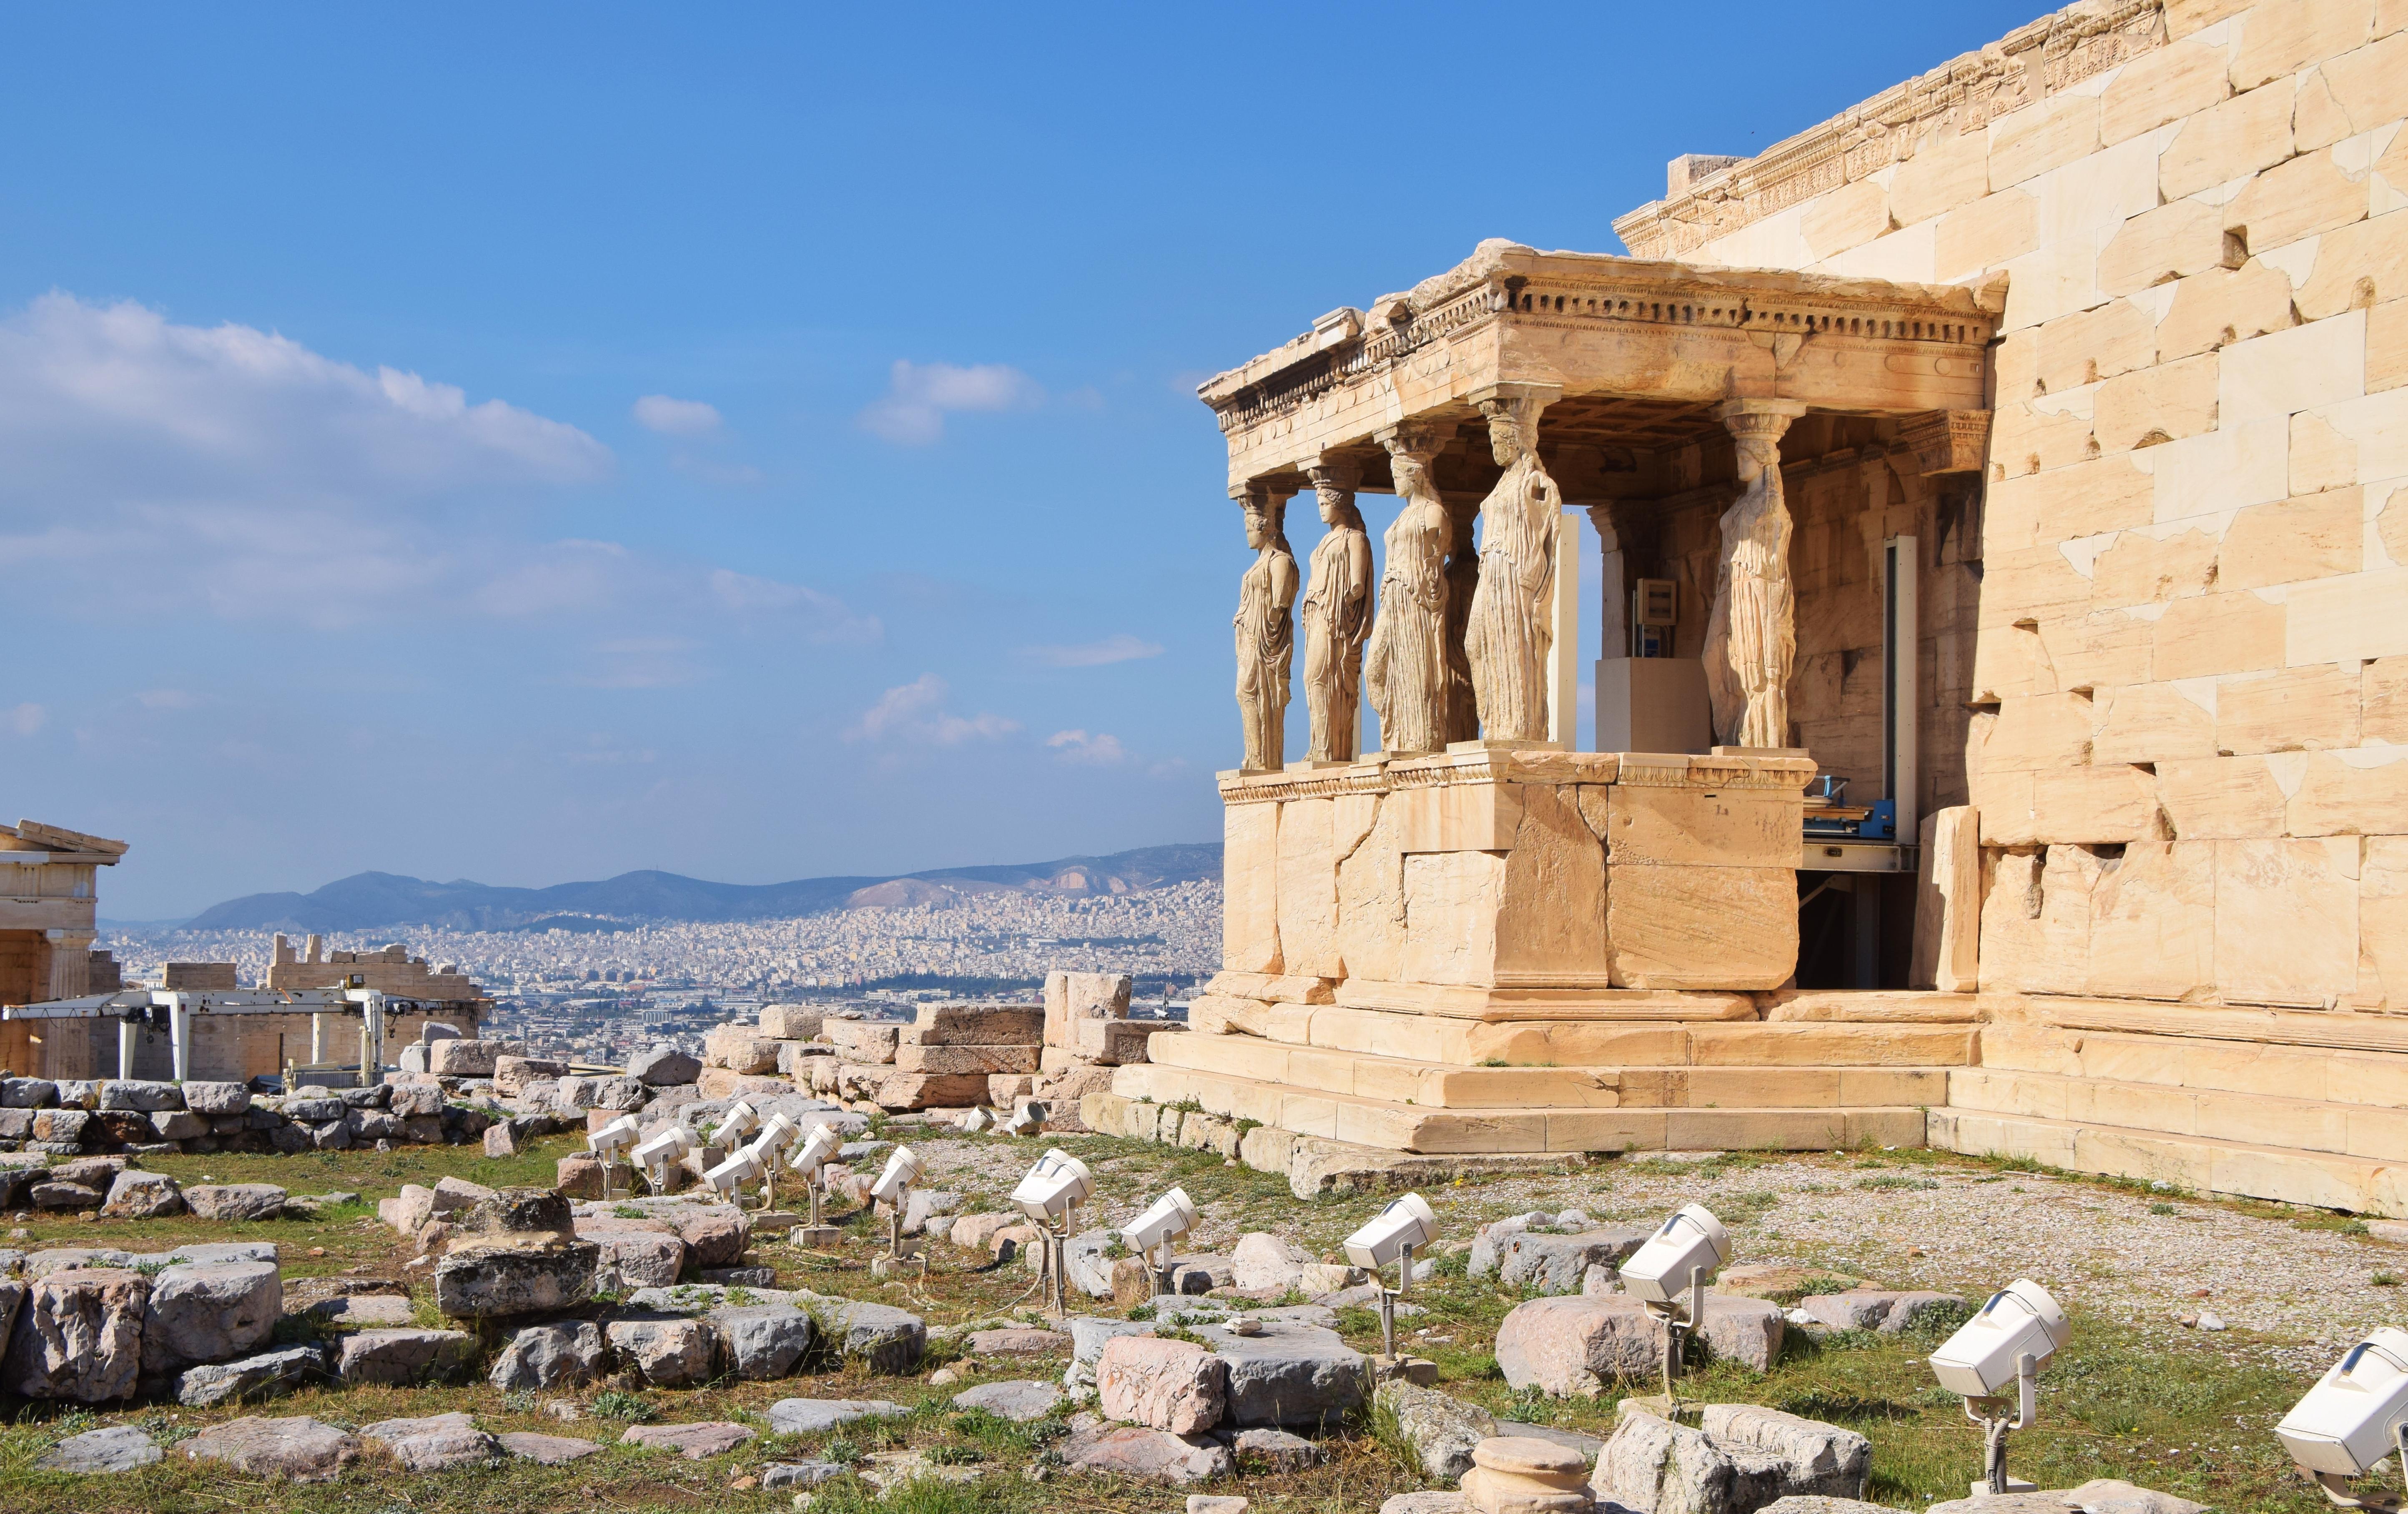 Grèce - Athènes - Acropole